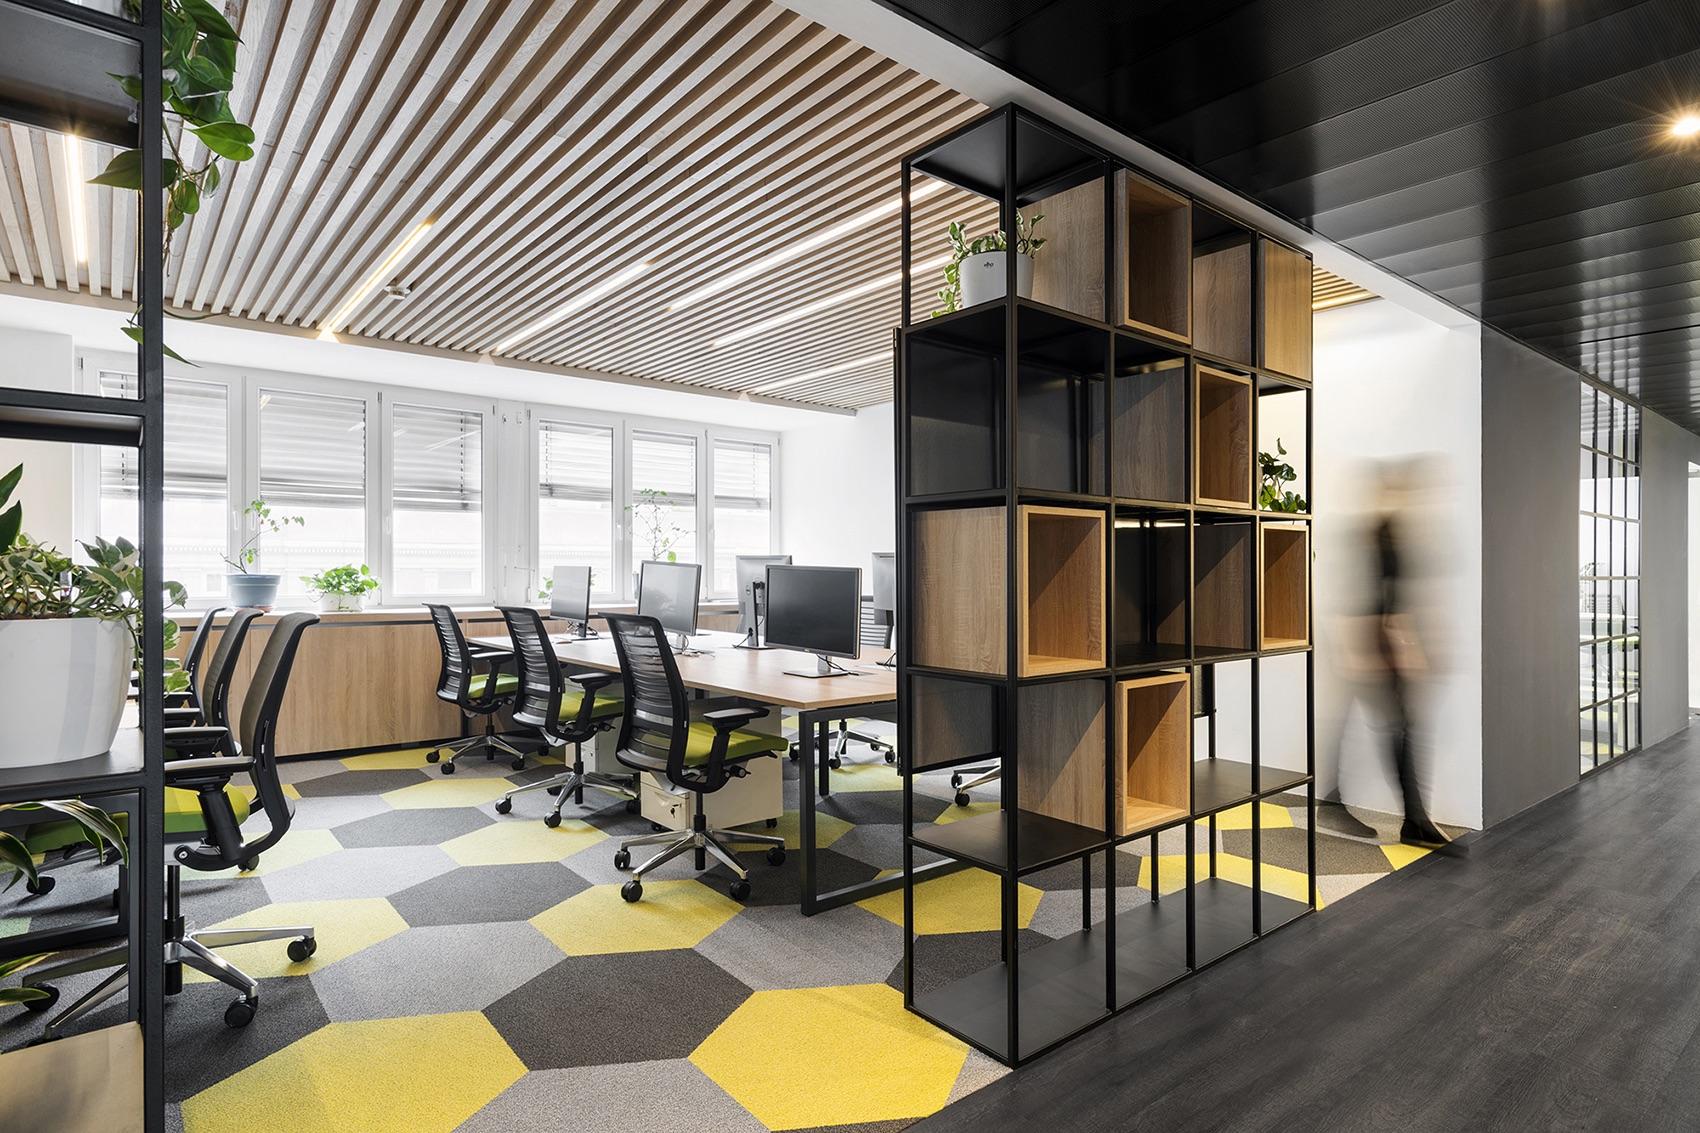 hortonworks-office-budapest-4